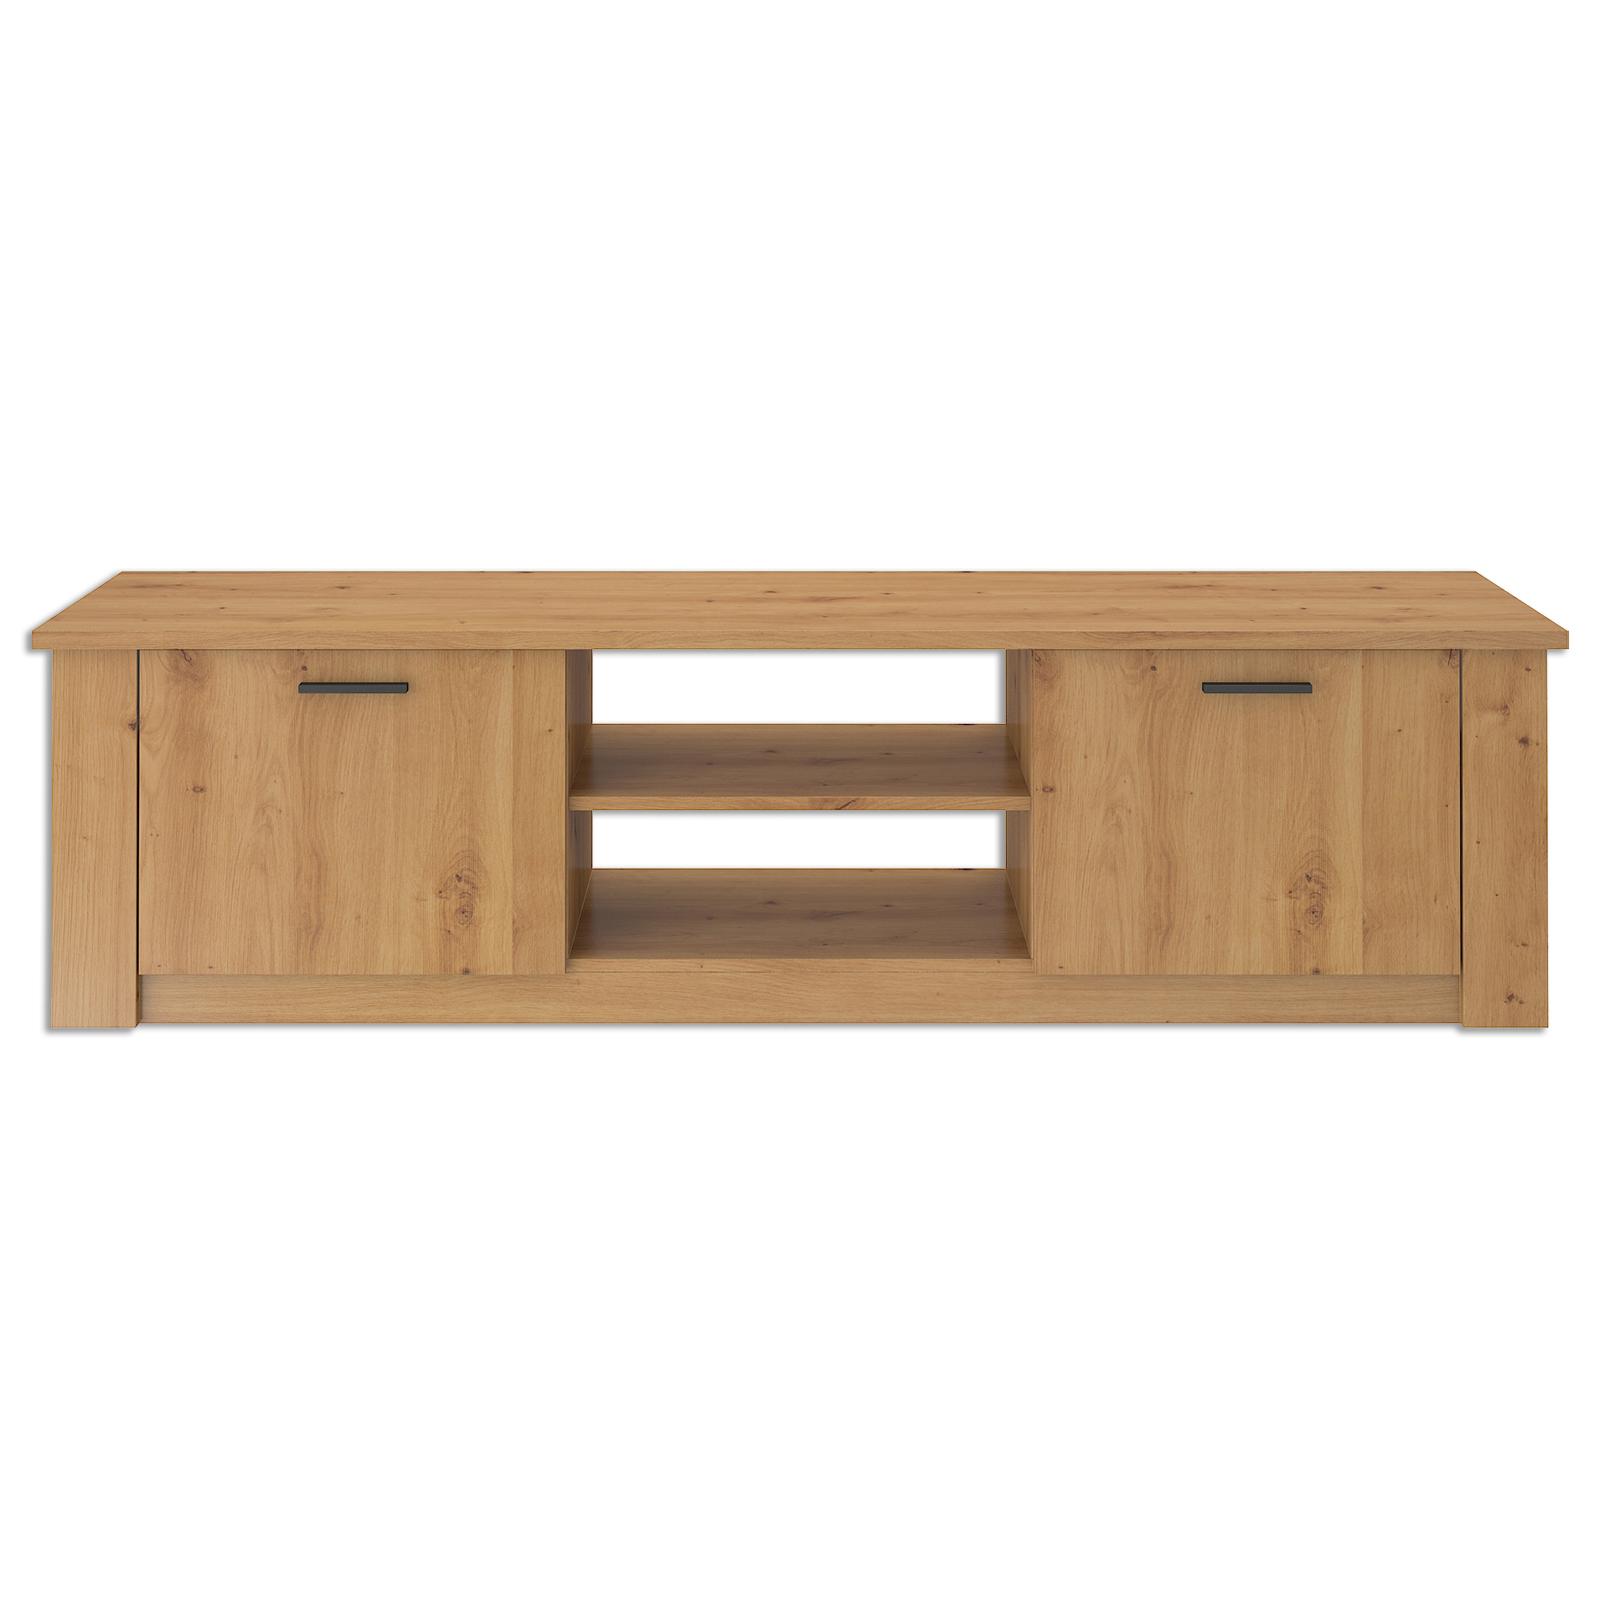 Lowboard 180 Cm Breit : lowboard artisan eiche 180 cm breit online bei ~ Watch28wear.com Haus und Dekorationen